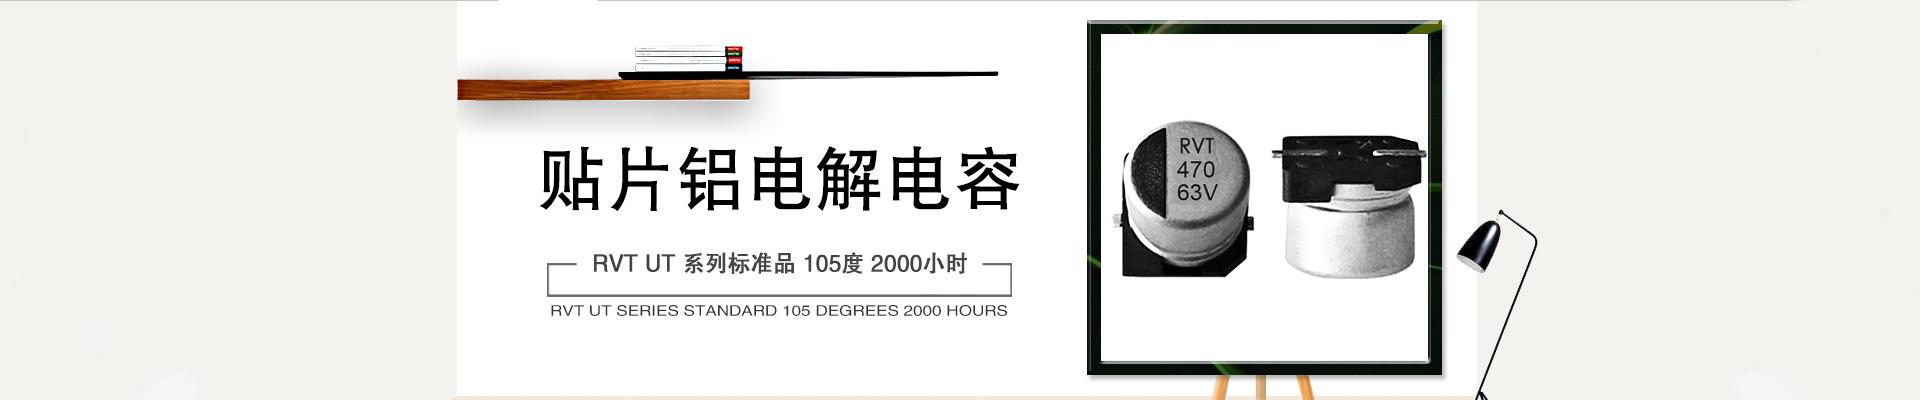 深圳市容全电子有限公司